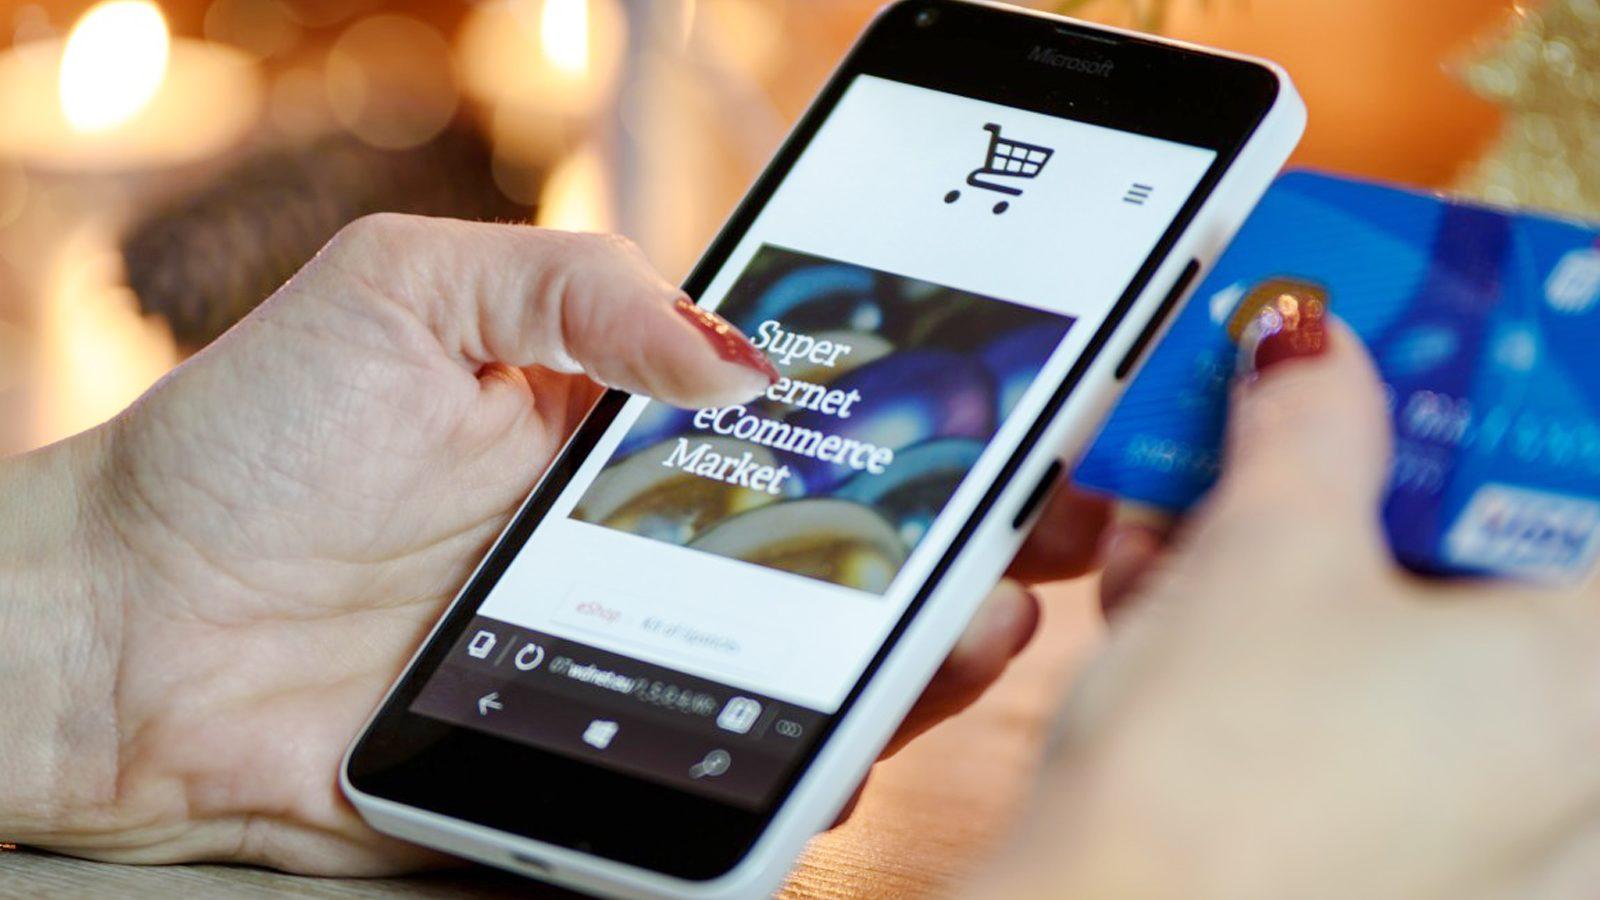 การเป็นพันธมิตรธุรกิจการค้ากับ แพลตฟอร์มซื้อขายออนไลน์ มีข้อดีอย่างไร